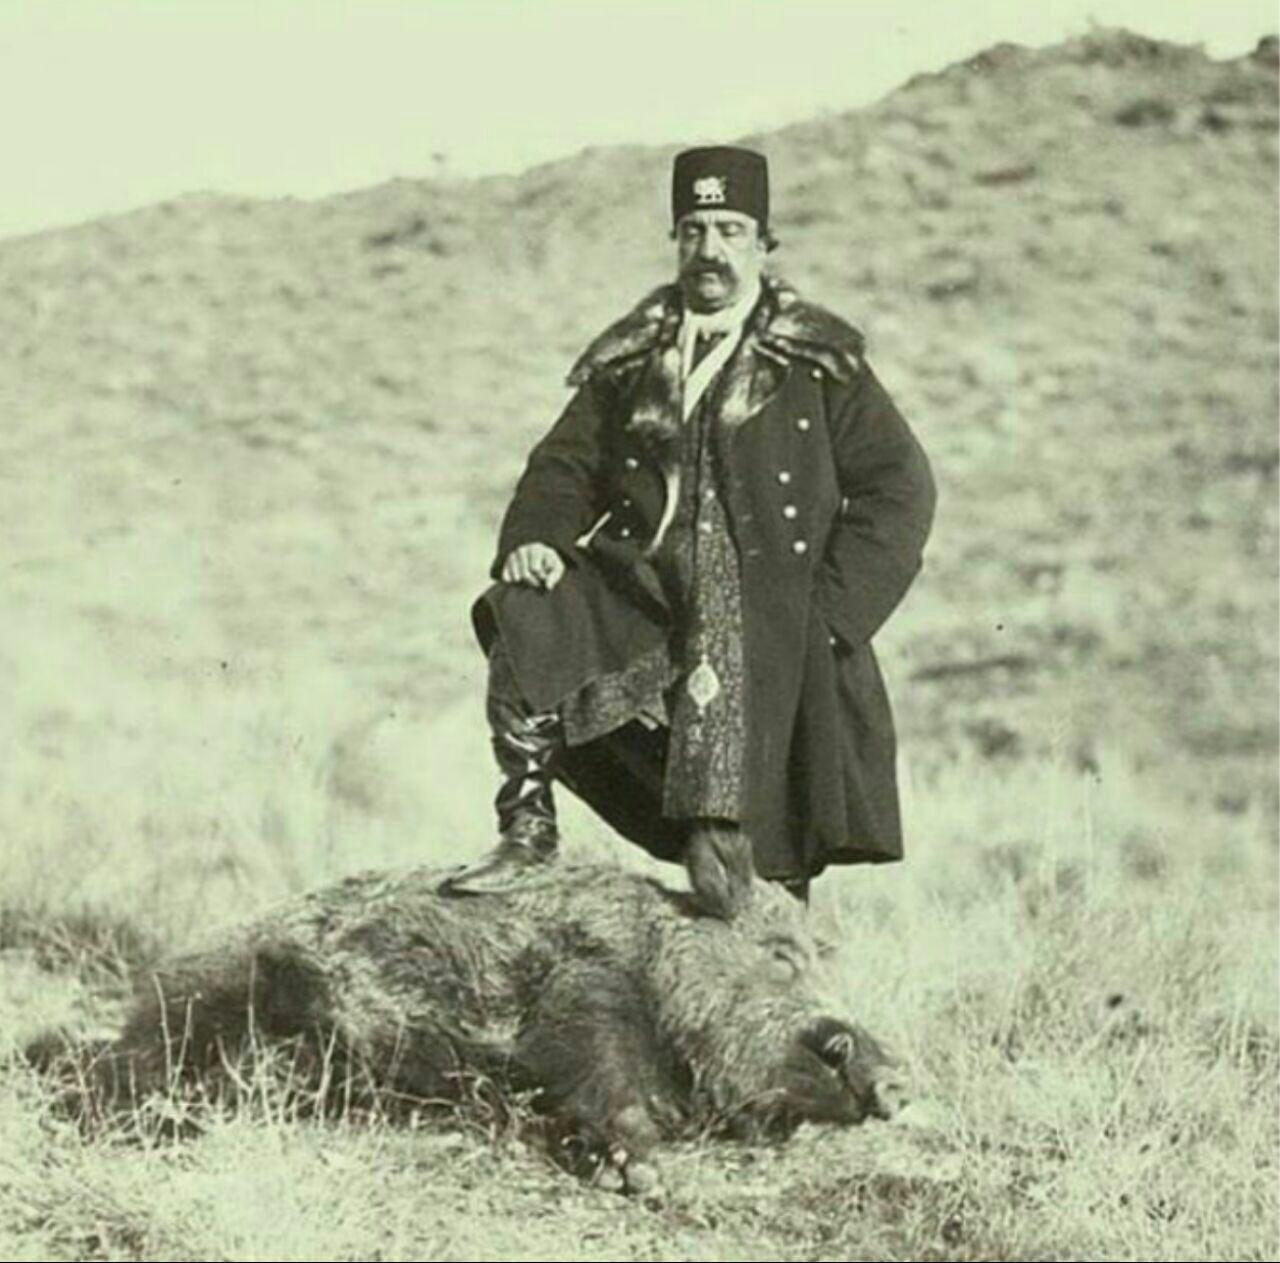 تصویری کمیاب از شکار گراز توسط ناصرالدین شاه